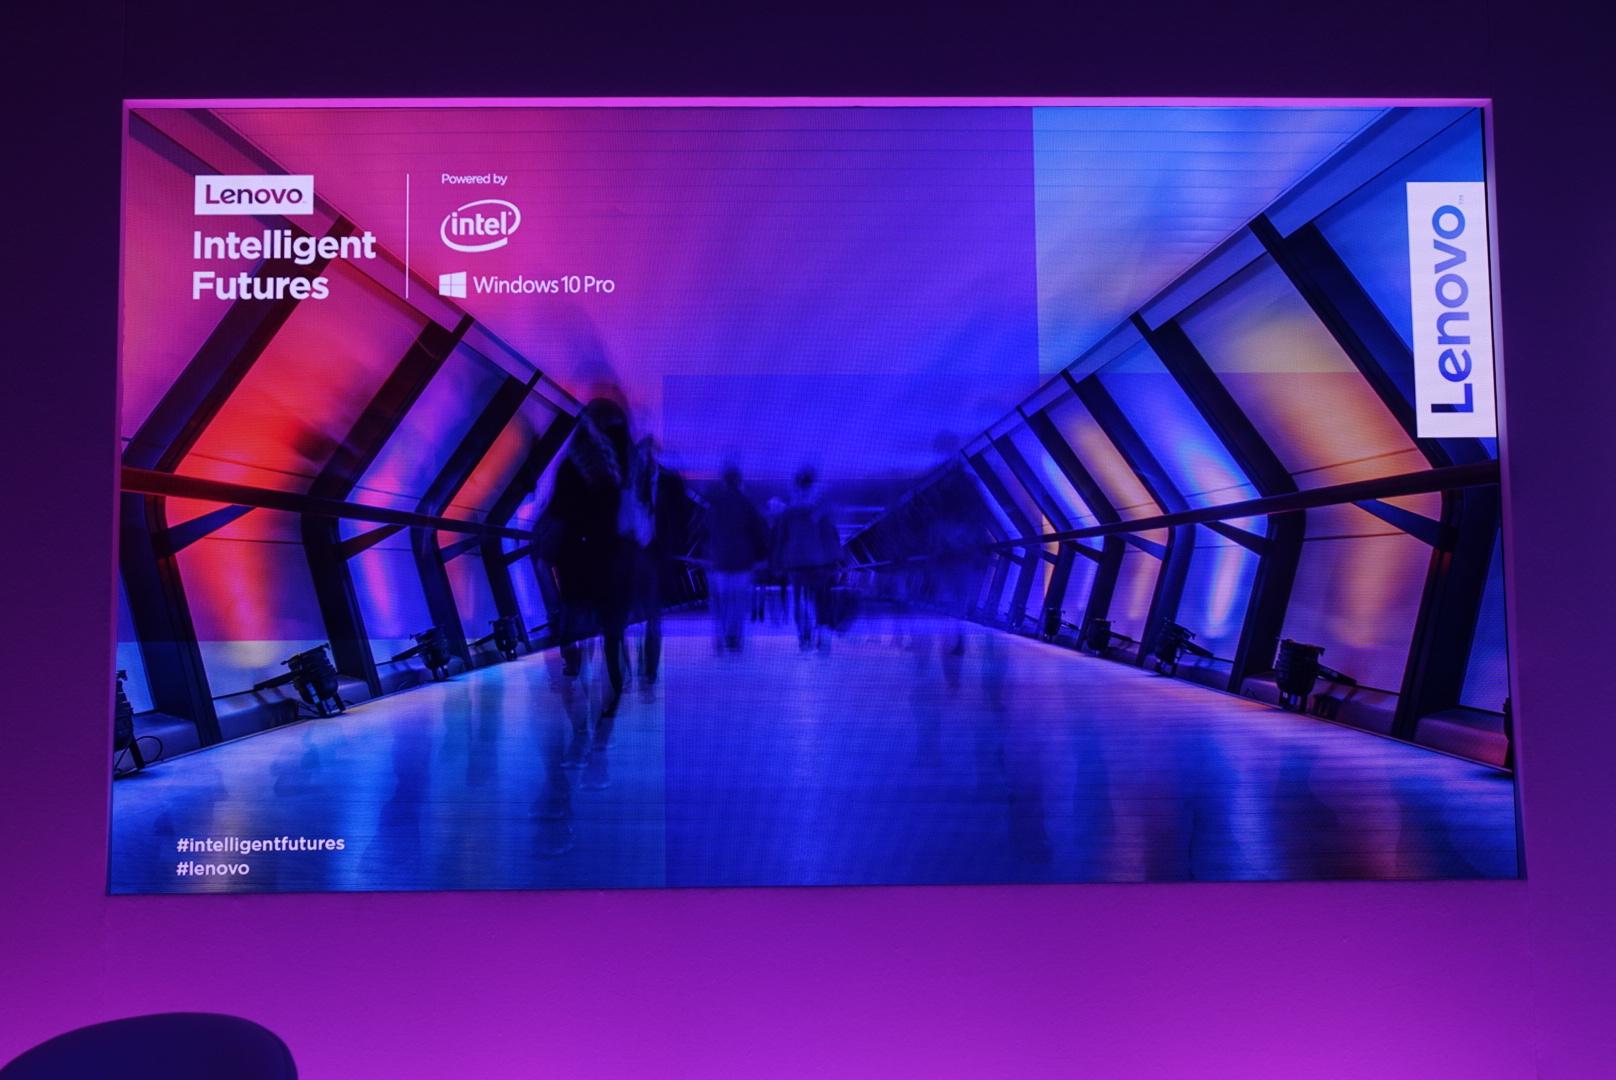 Lenovo Intelligent Futures, l'evento sul futuro intelligente del lavoro